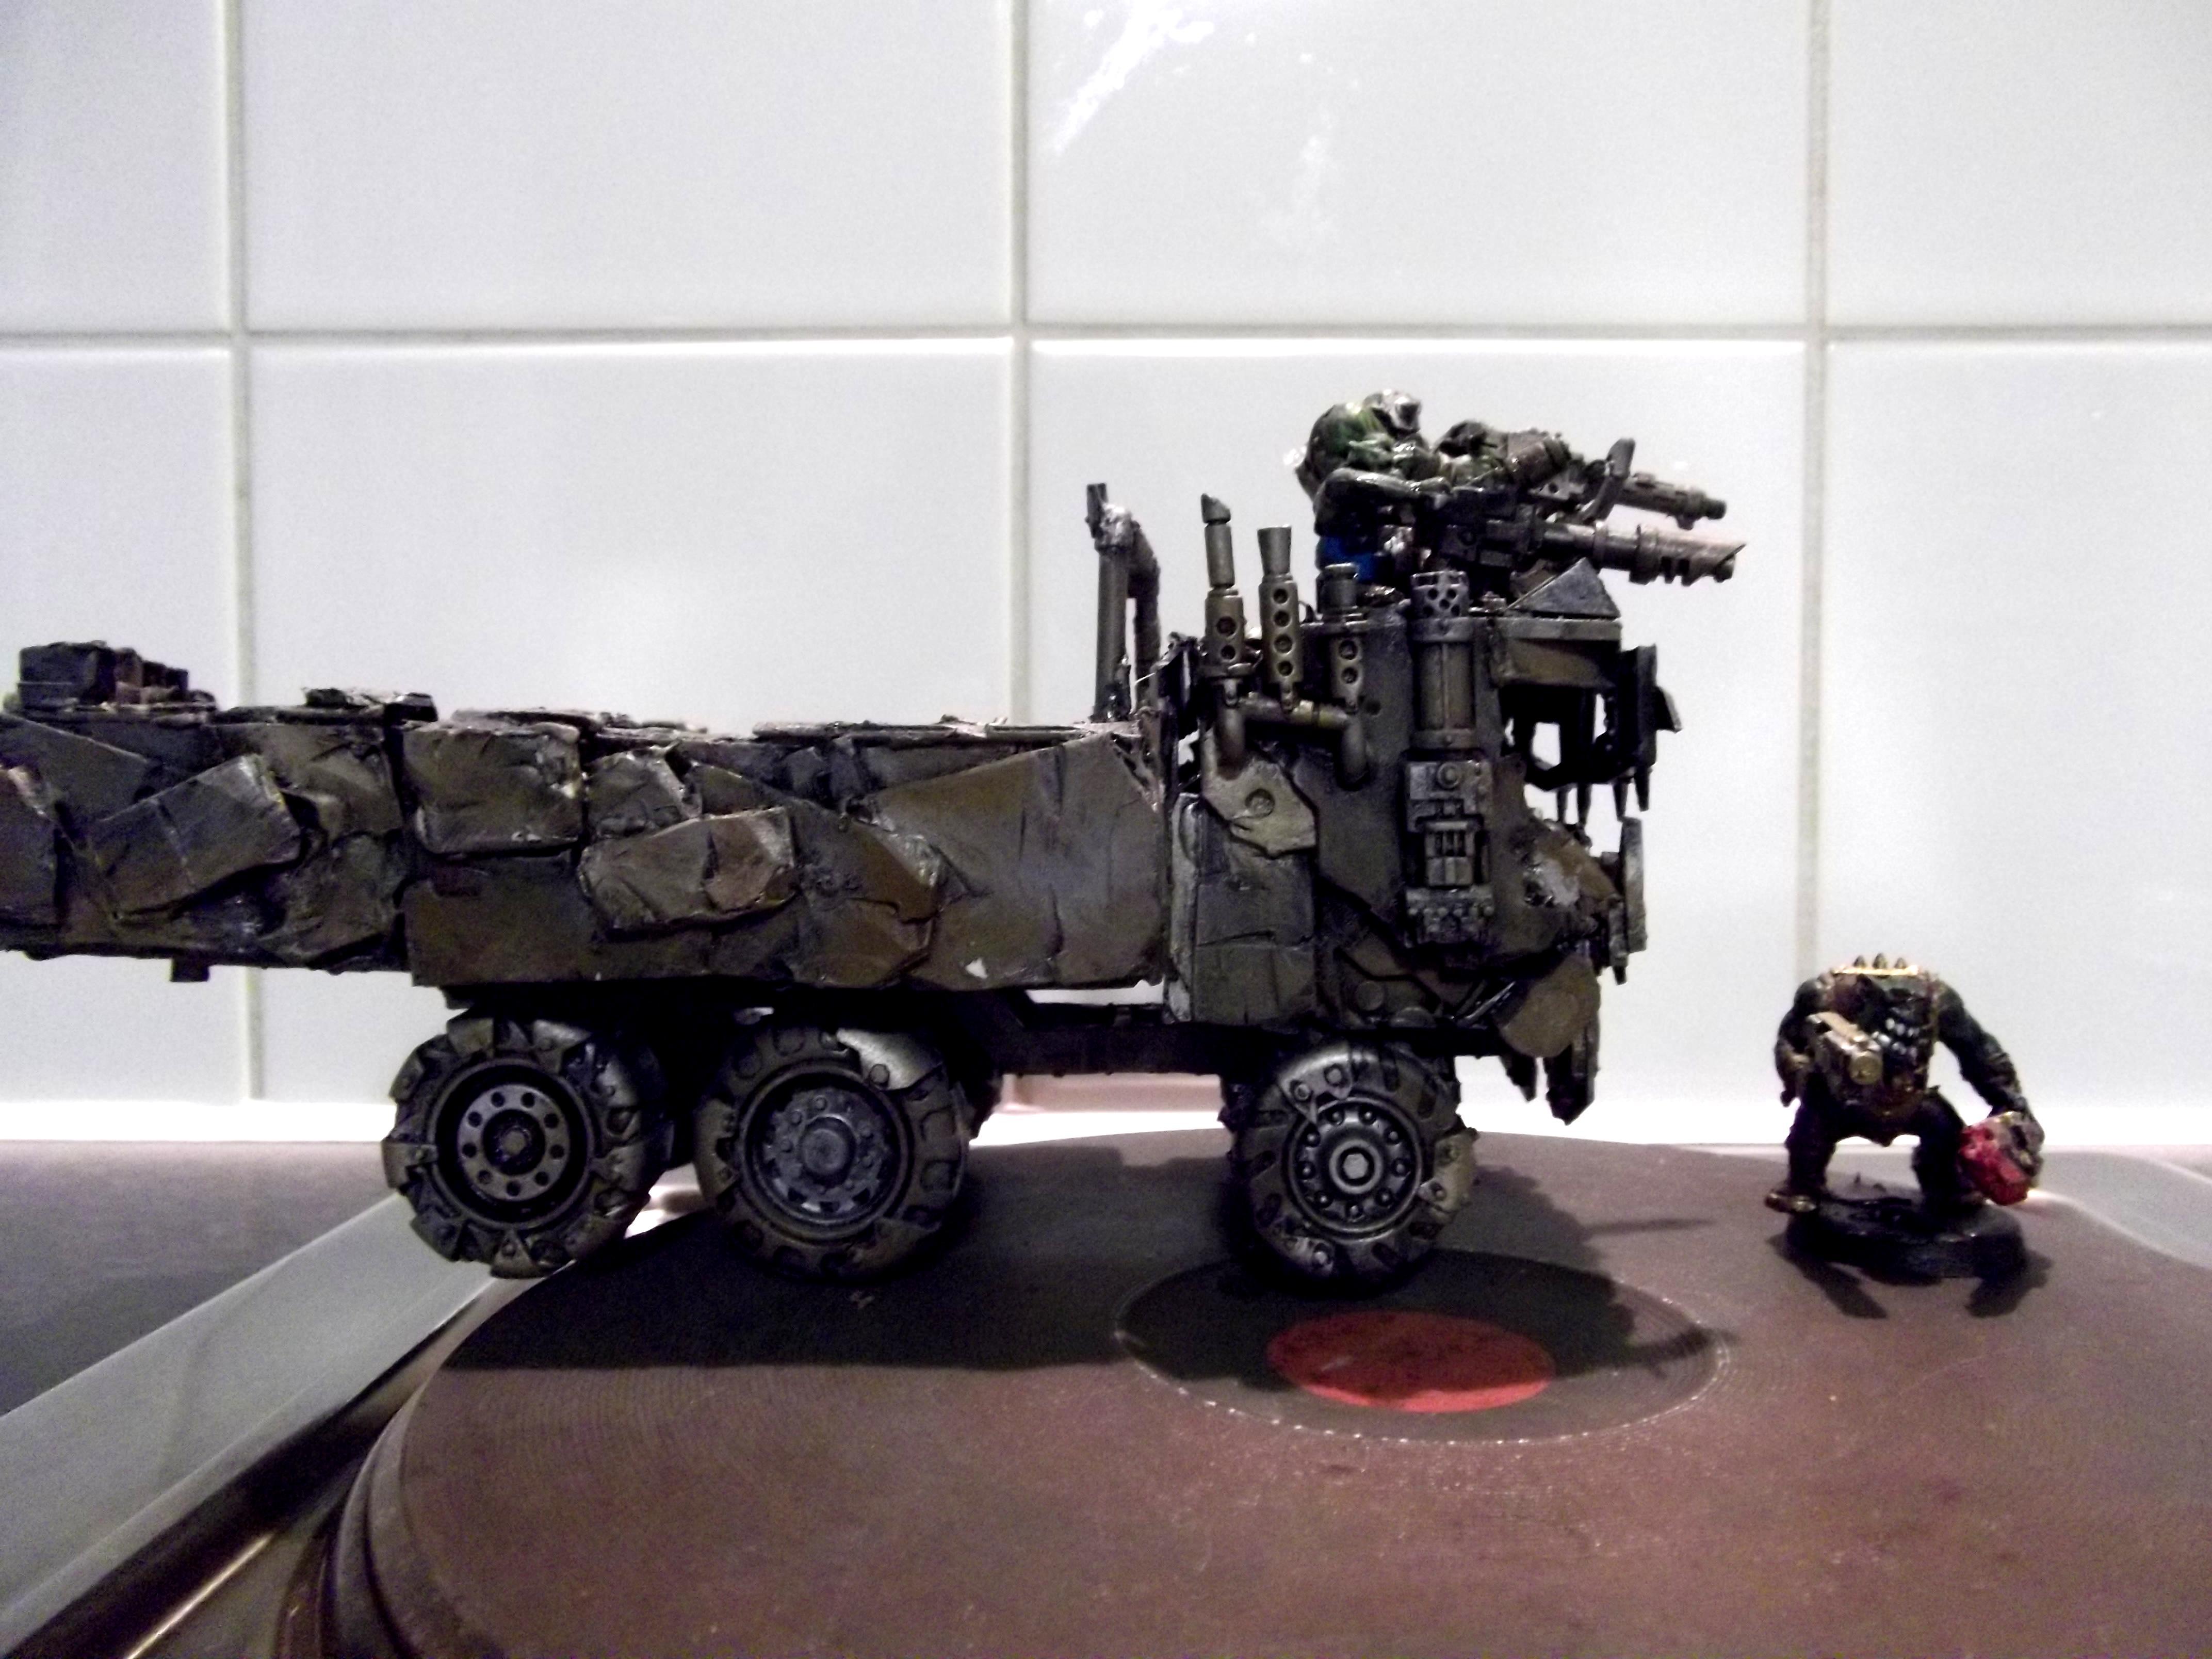 Battlewagon, Big Trakk, Conversion, Looted, Orks, Scratch Build, Wagon